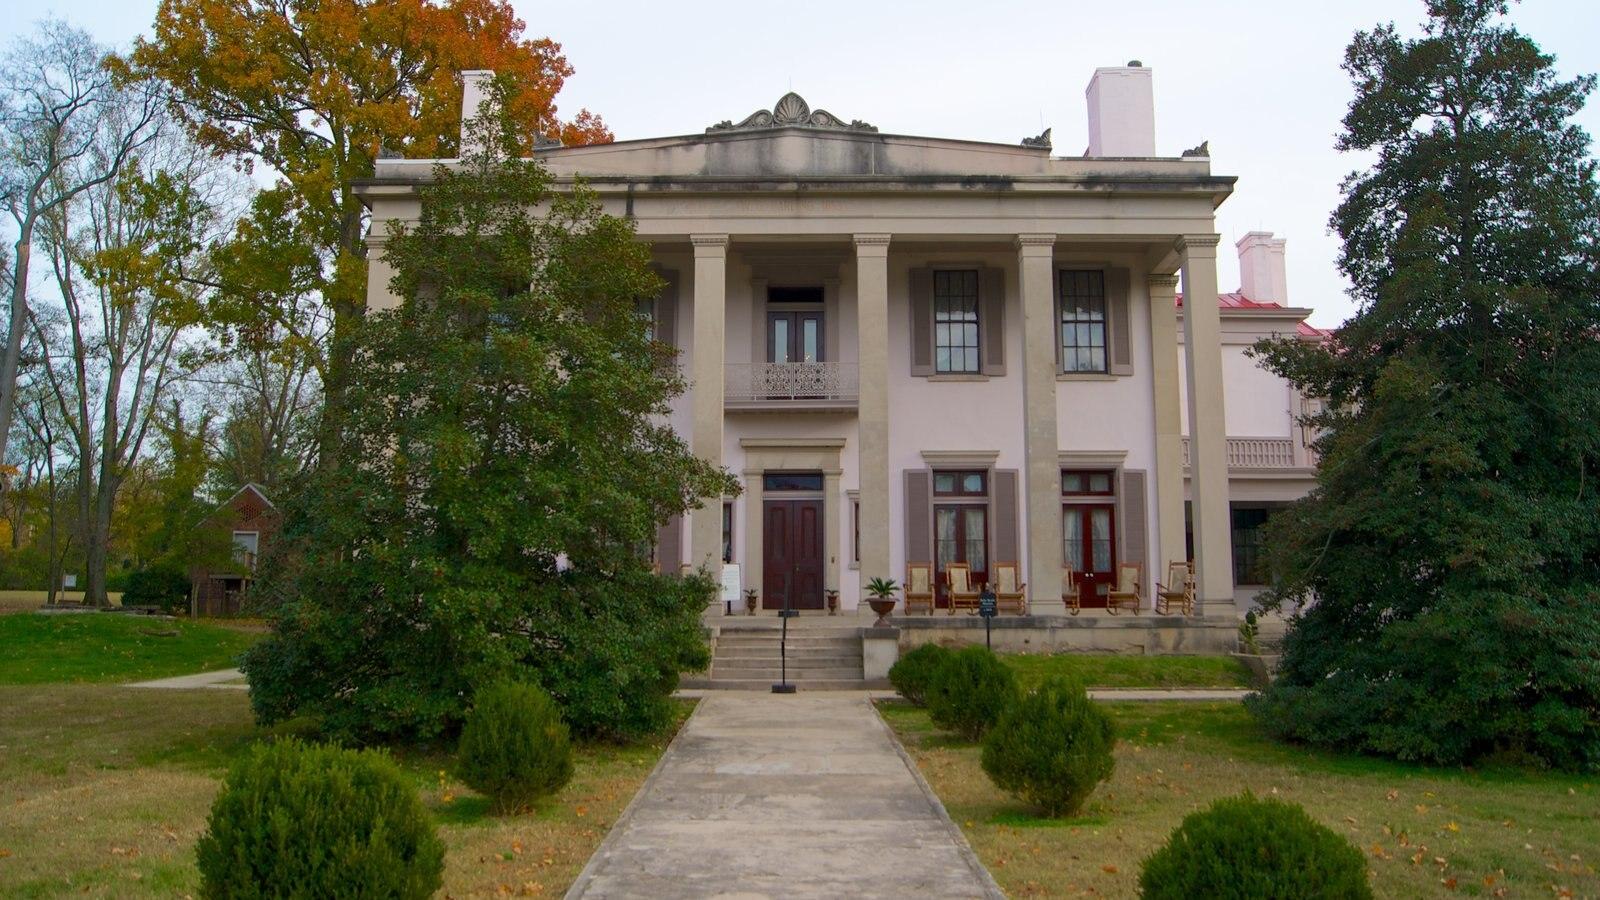 Belle Meade Plantation ofreciendo una casa y patrimonio de arquitectura